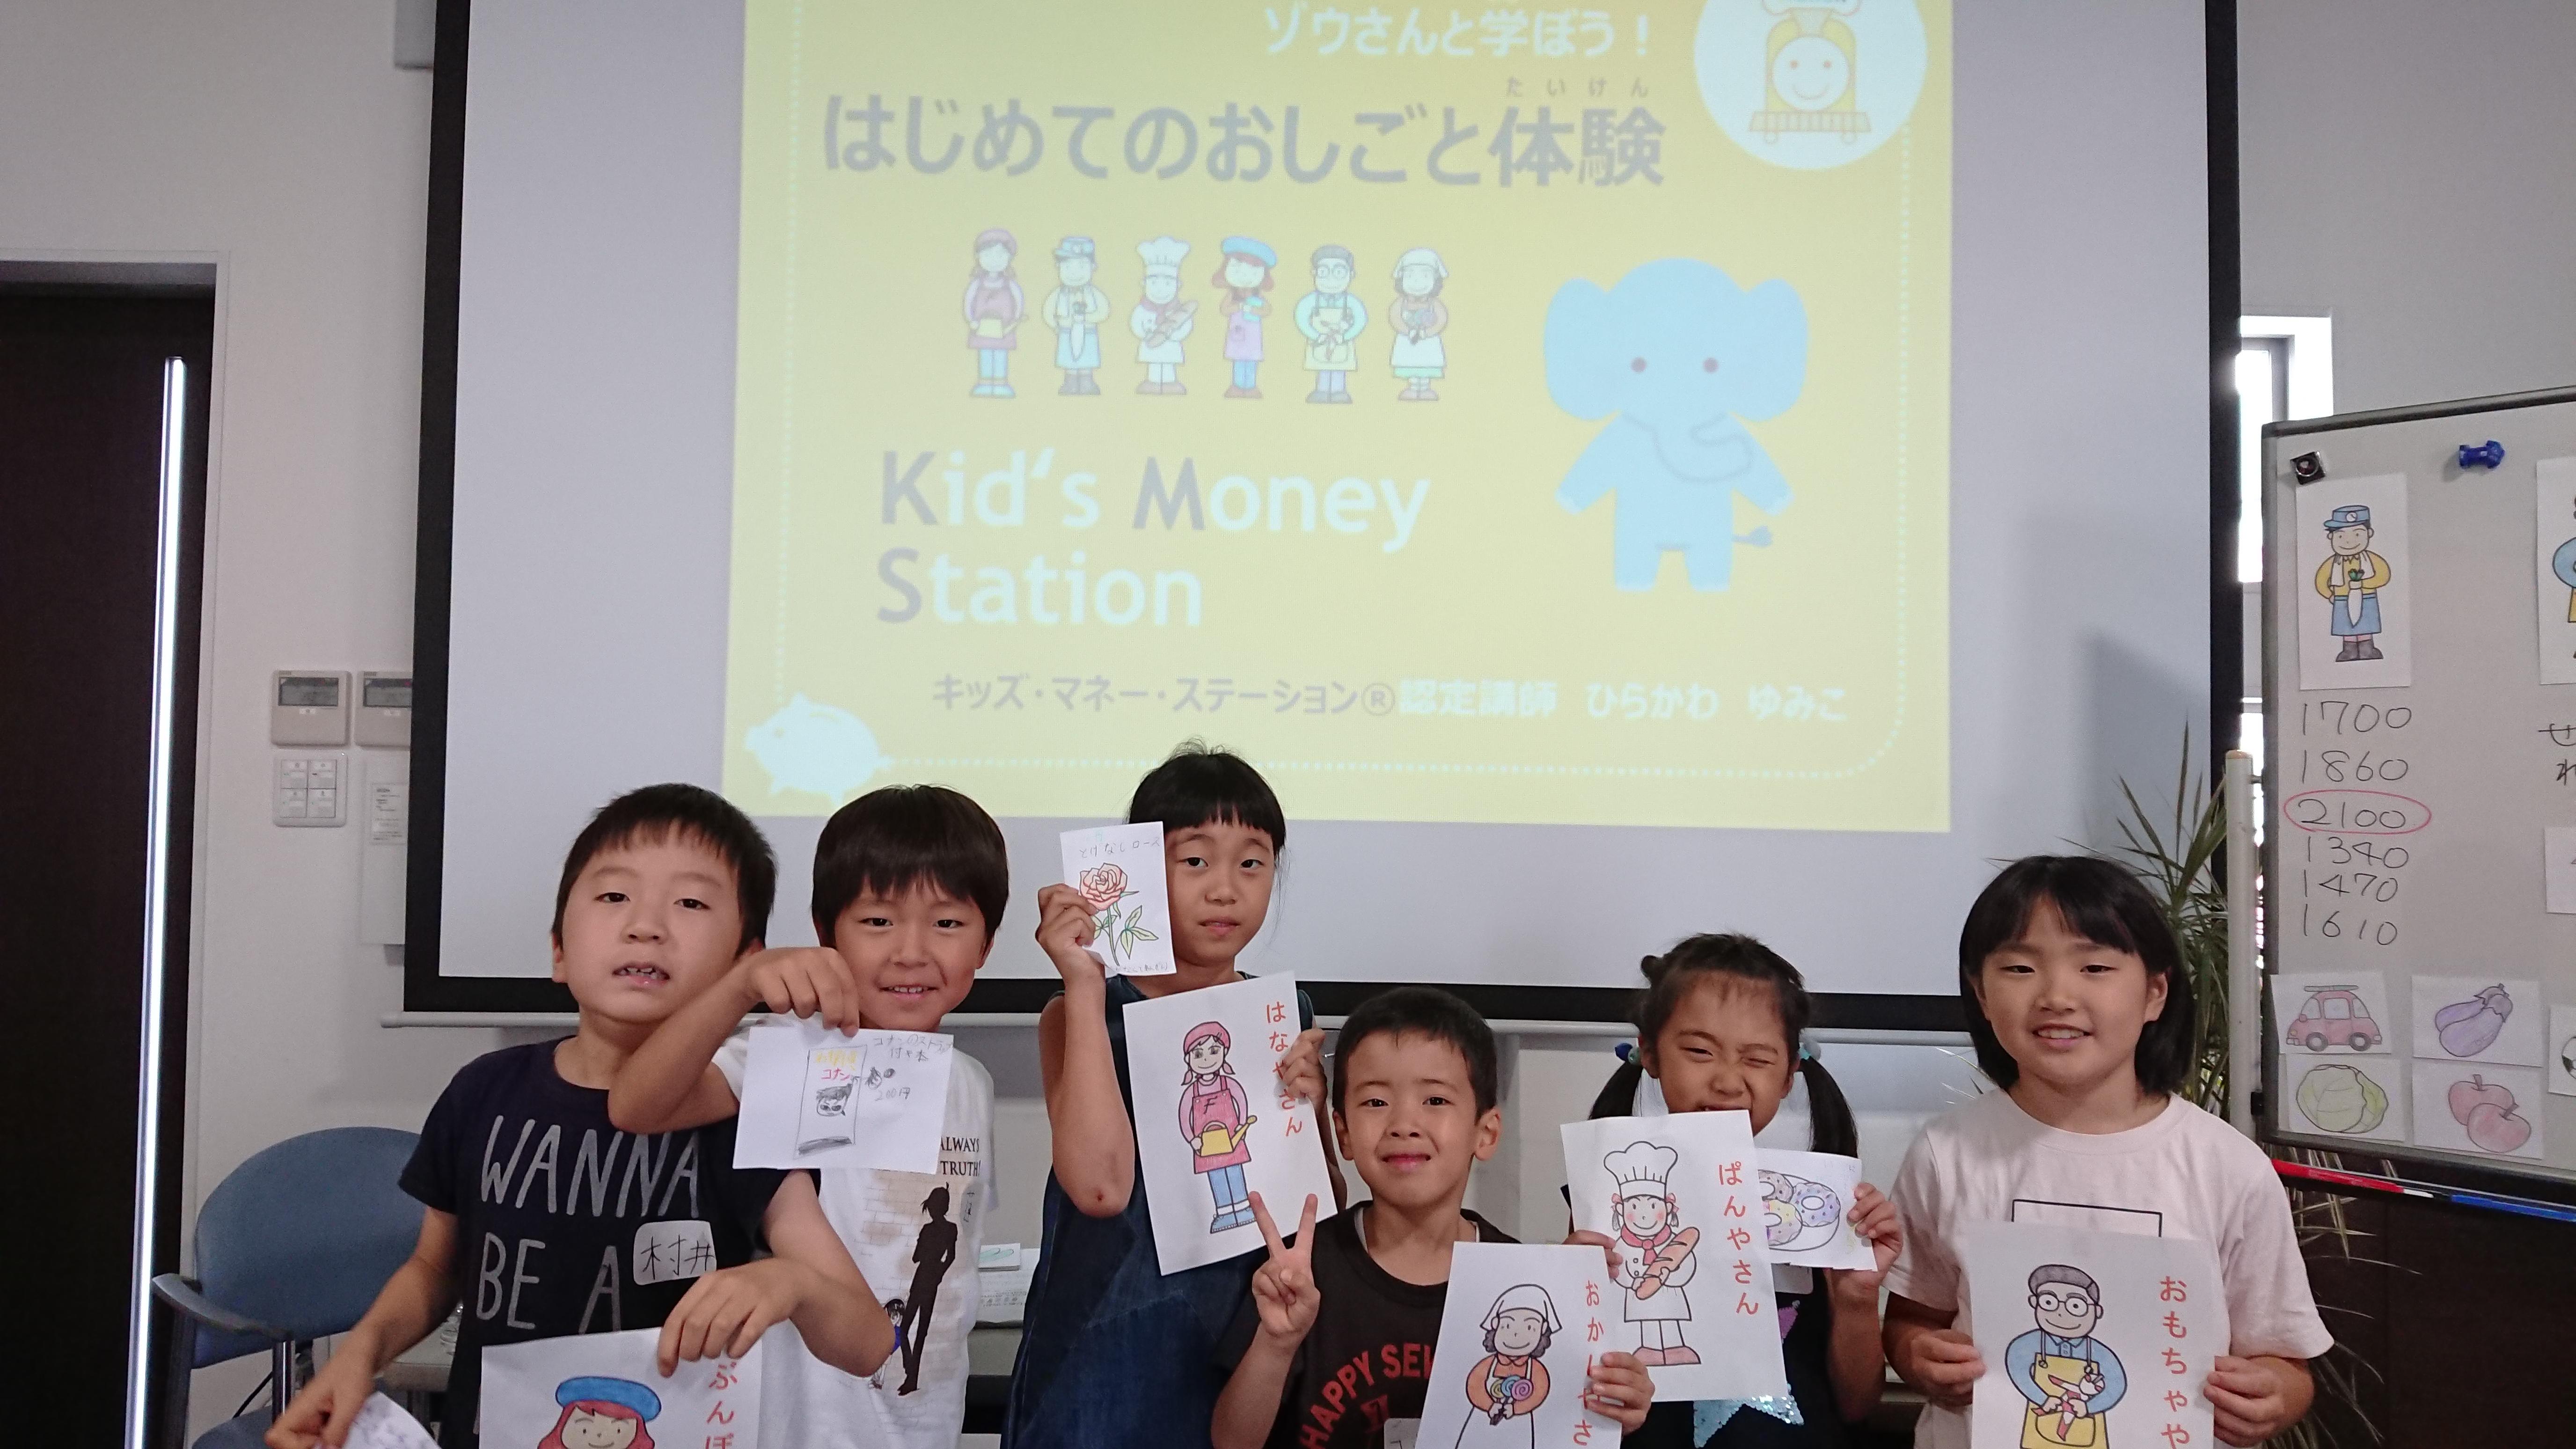 【2019夏親子マネー講座in香川】  「はじめてのおしごと体験(ゾウ)」を開催